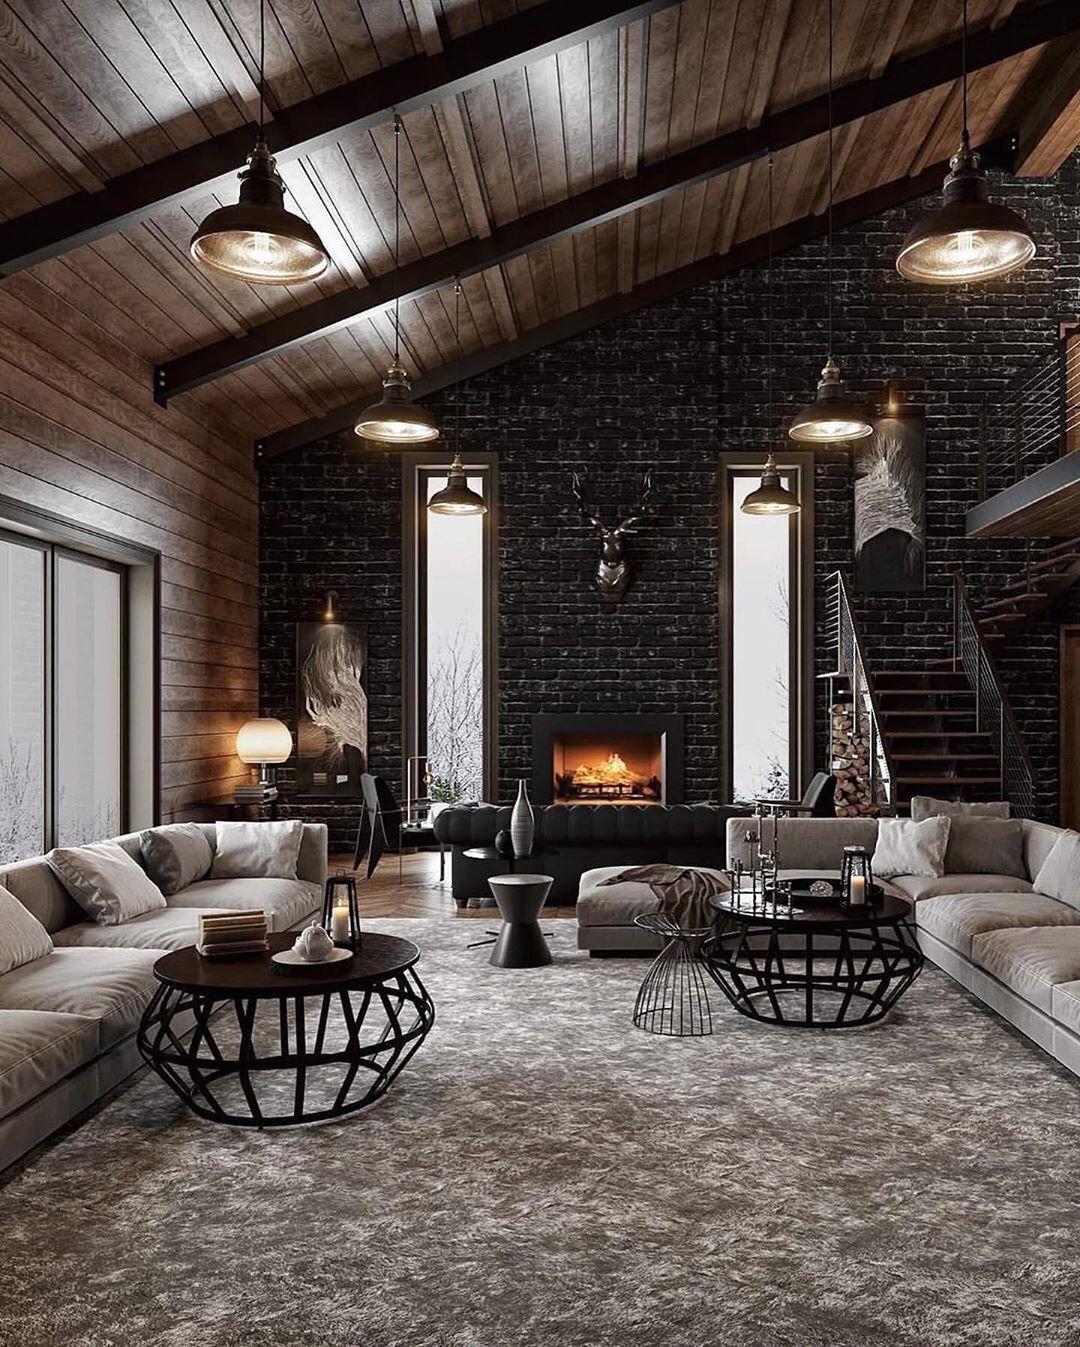 Credit Tips In 2020 Loft Design Loft Interior Design Industrial Interior Design